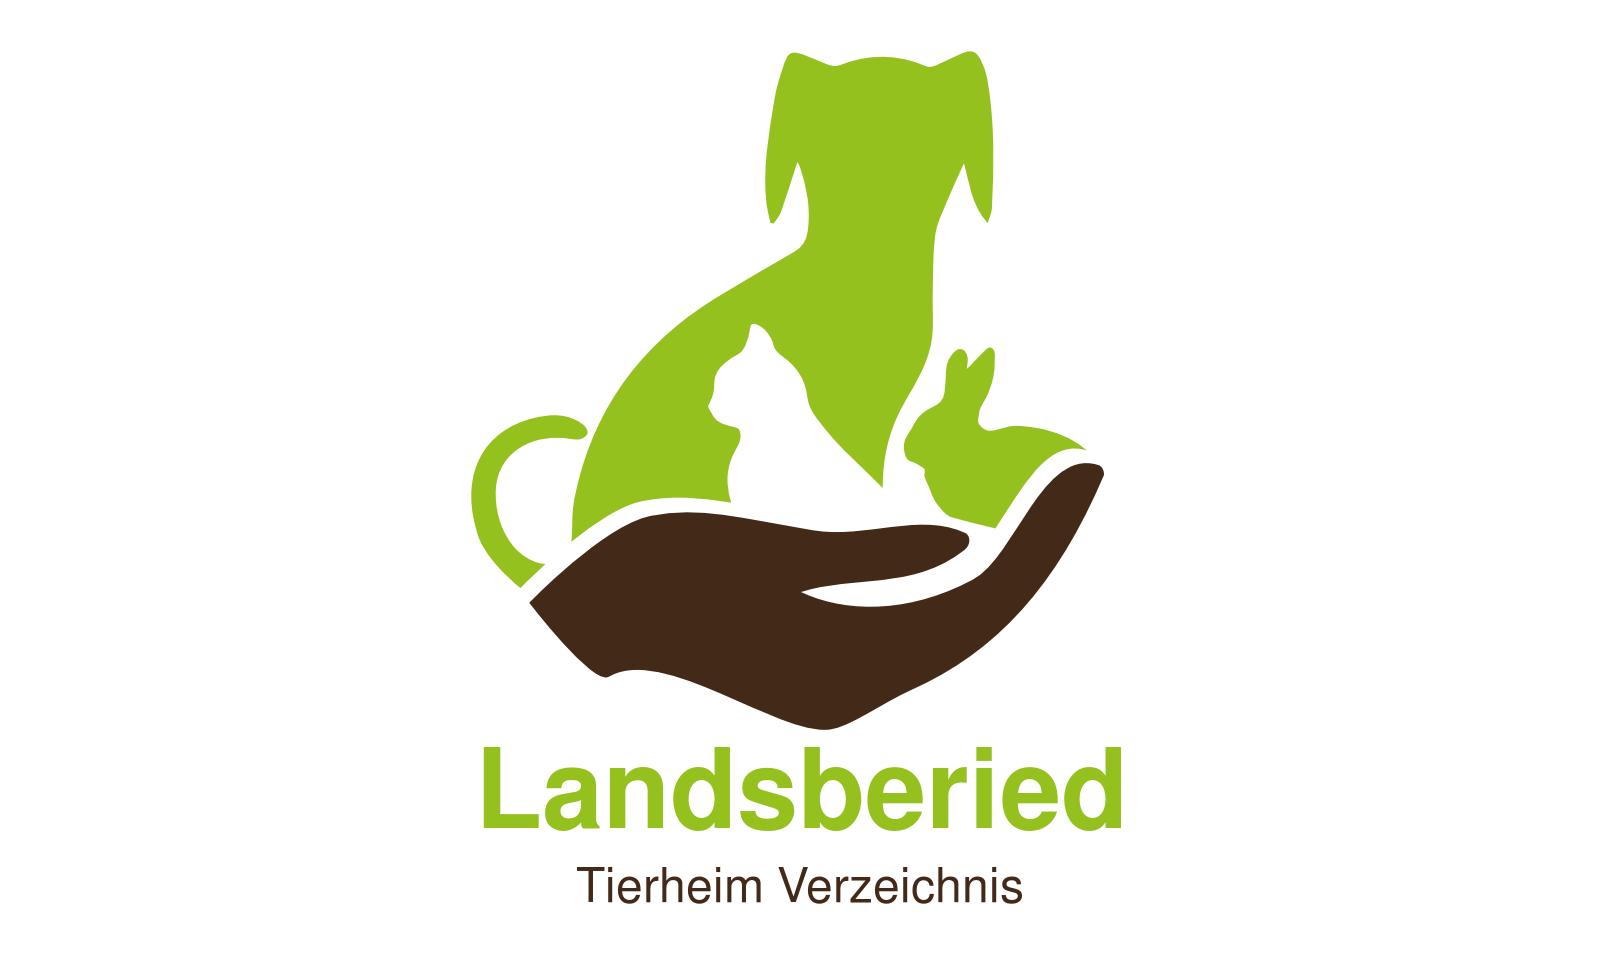 Tierheim Landsberied